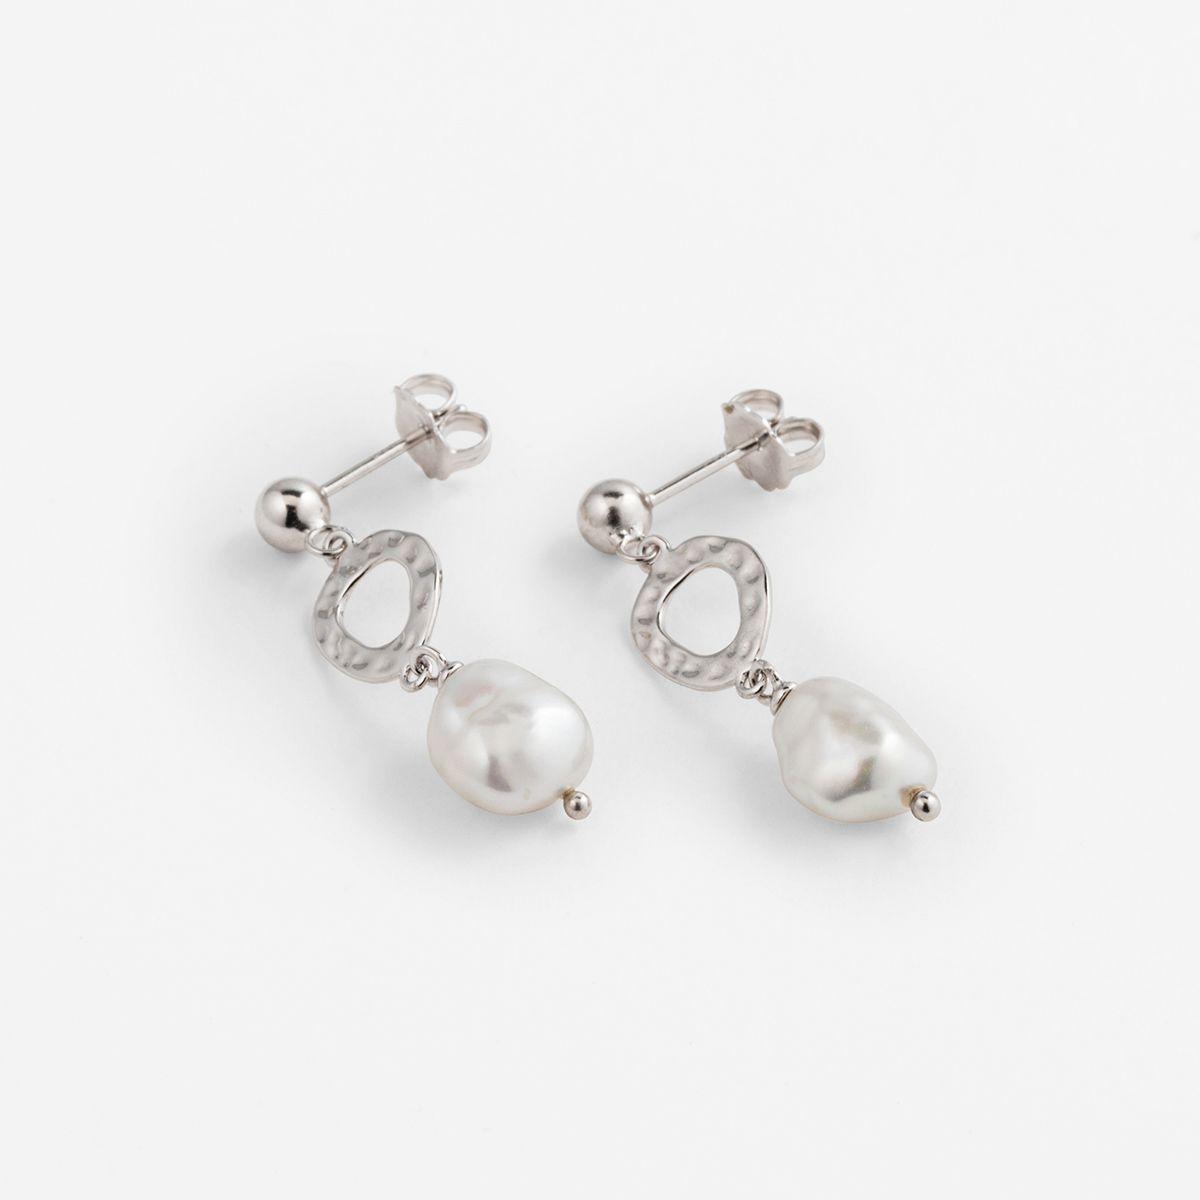 Ayla - Perlenohrringe - Silber